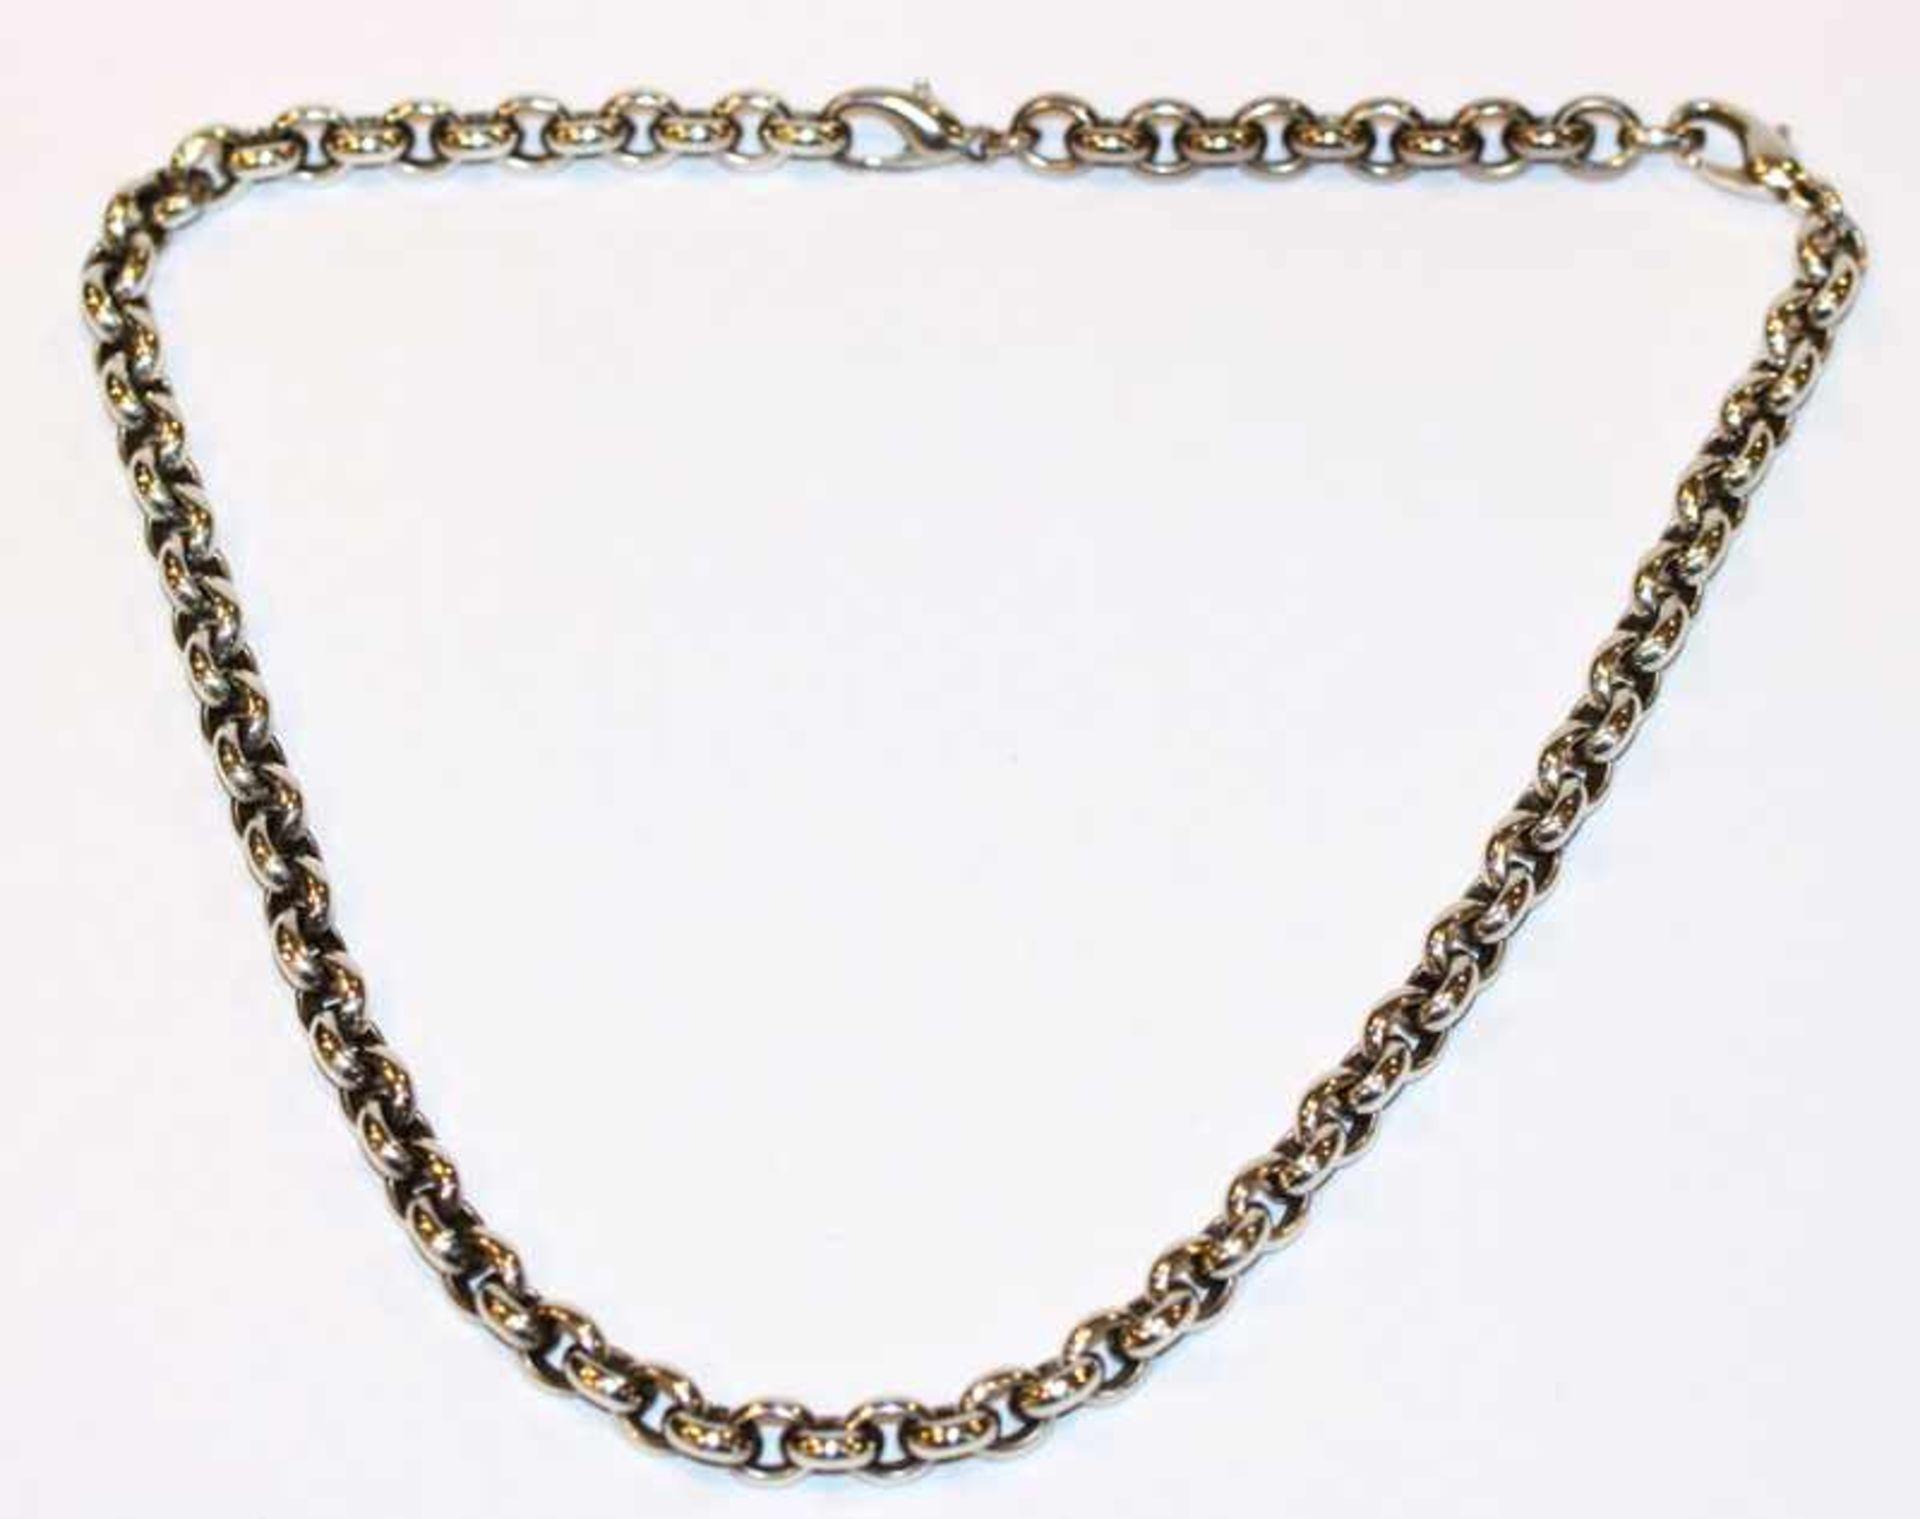 Los 29 - Kette, 925 Silber, 71 gr., L 44 cm